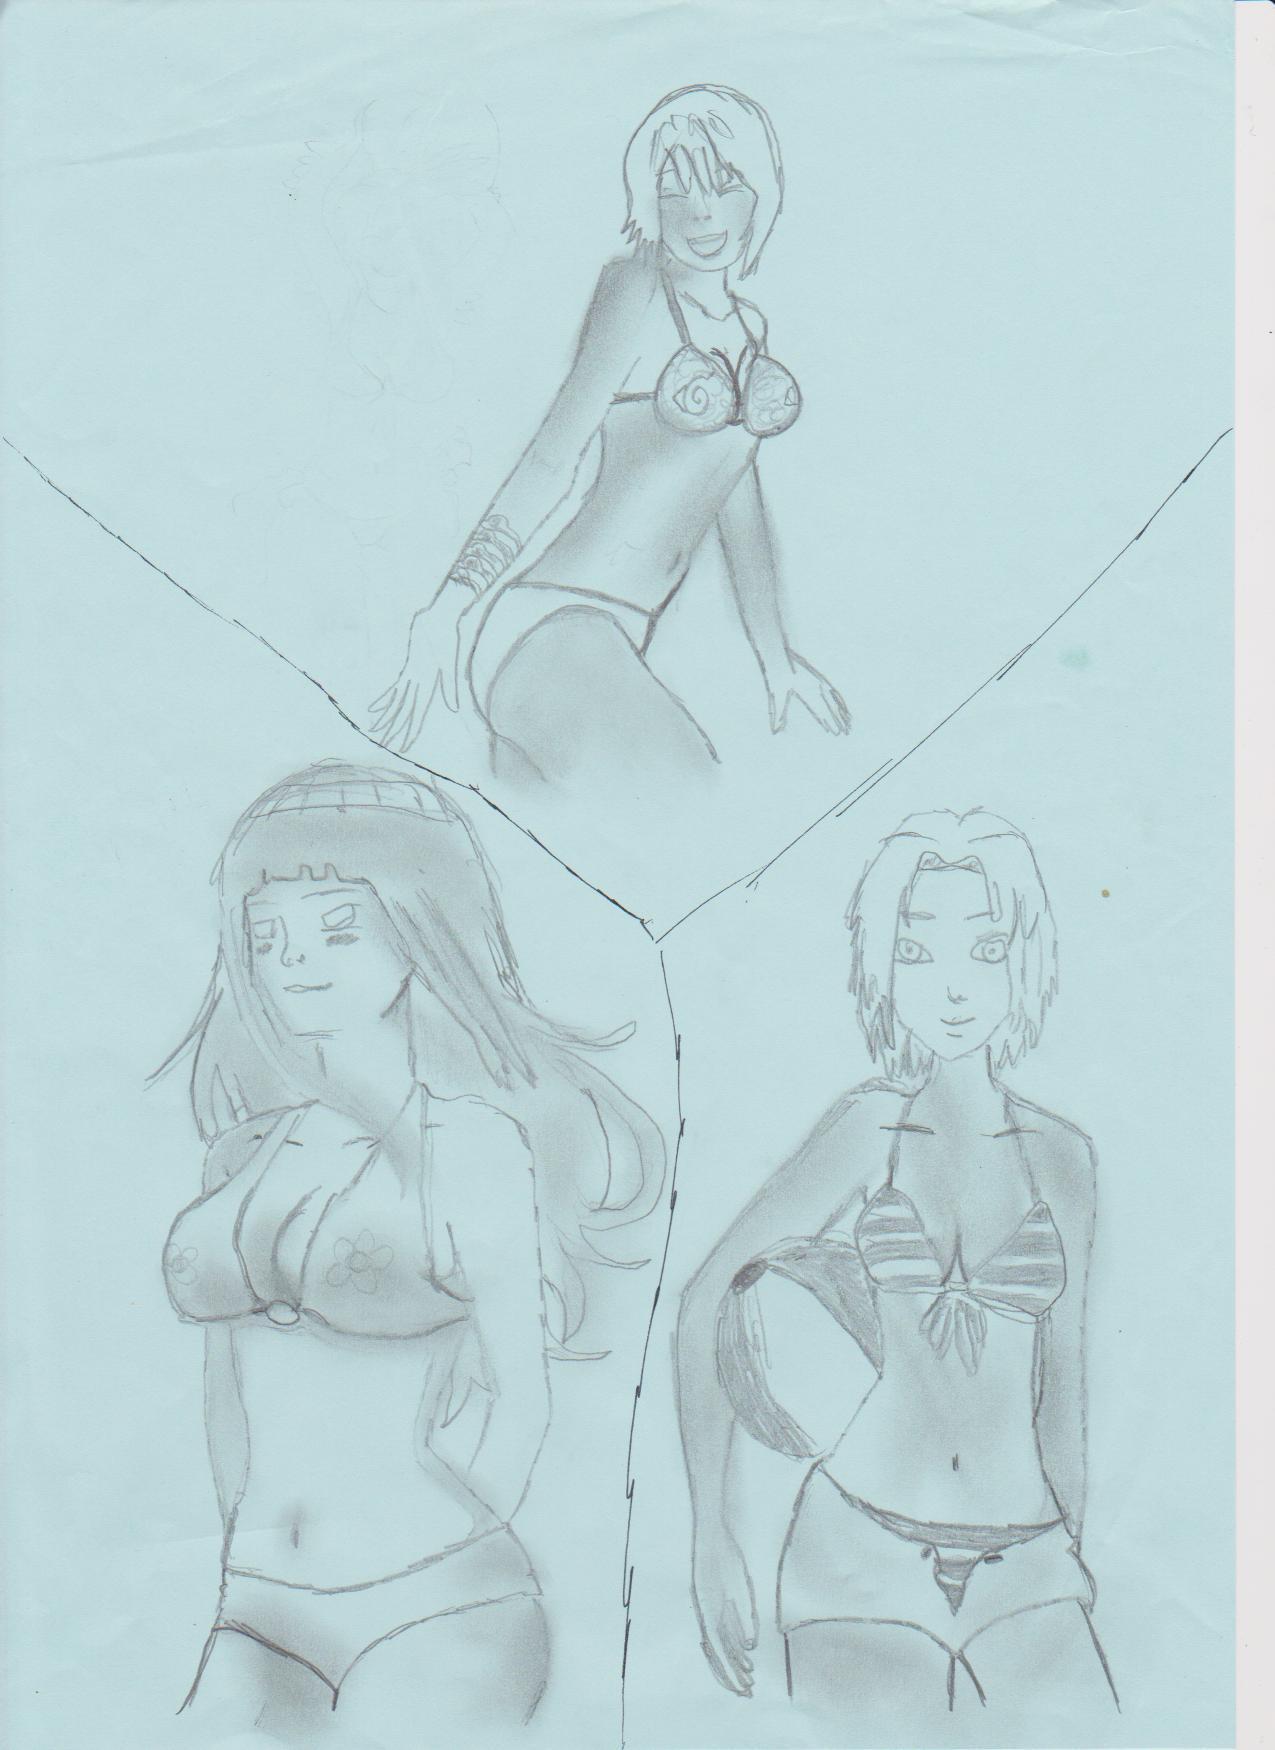 naruto the way of naruto le trio des filles la plage de yondaime83150. Black Bedroom Furniture Sets. Home Design Ideas